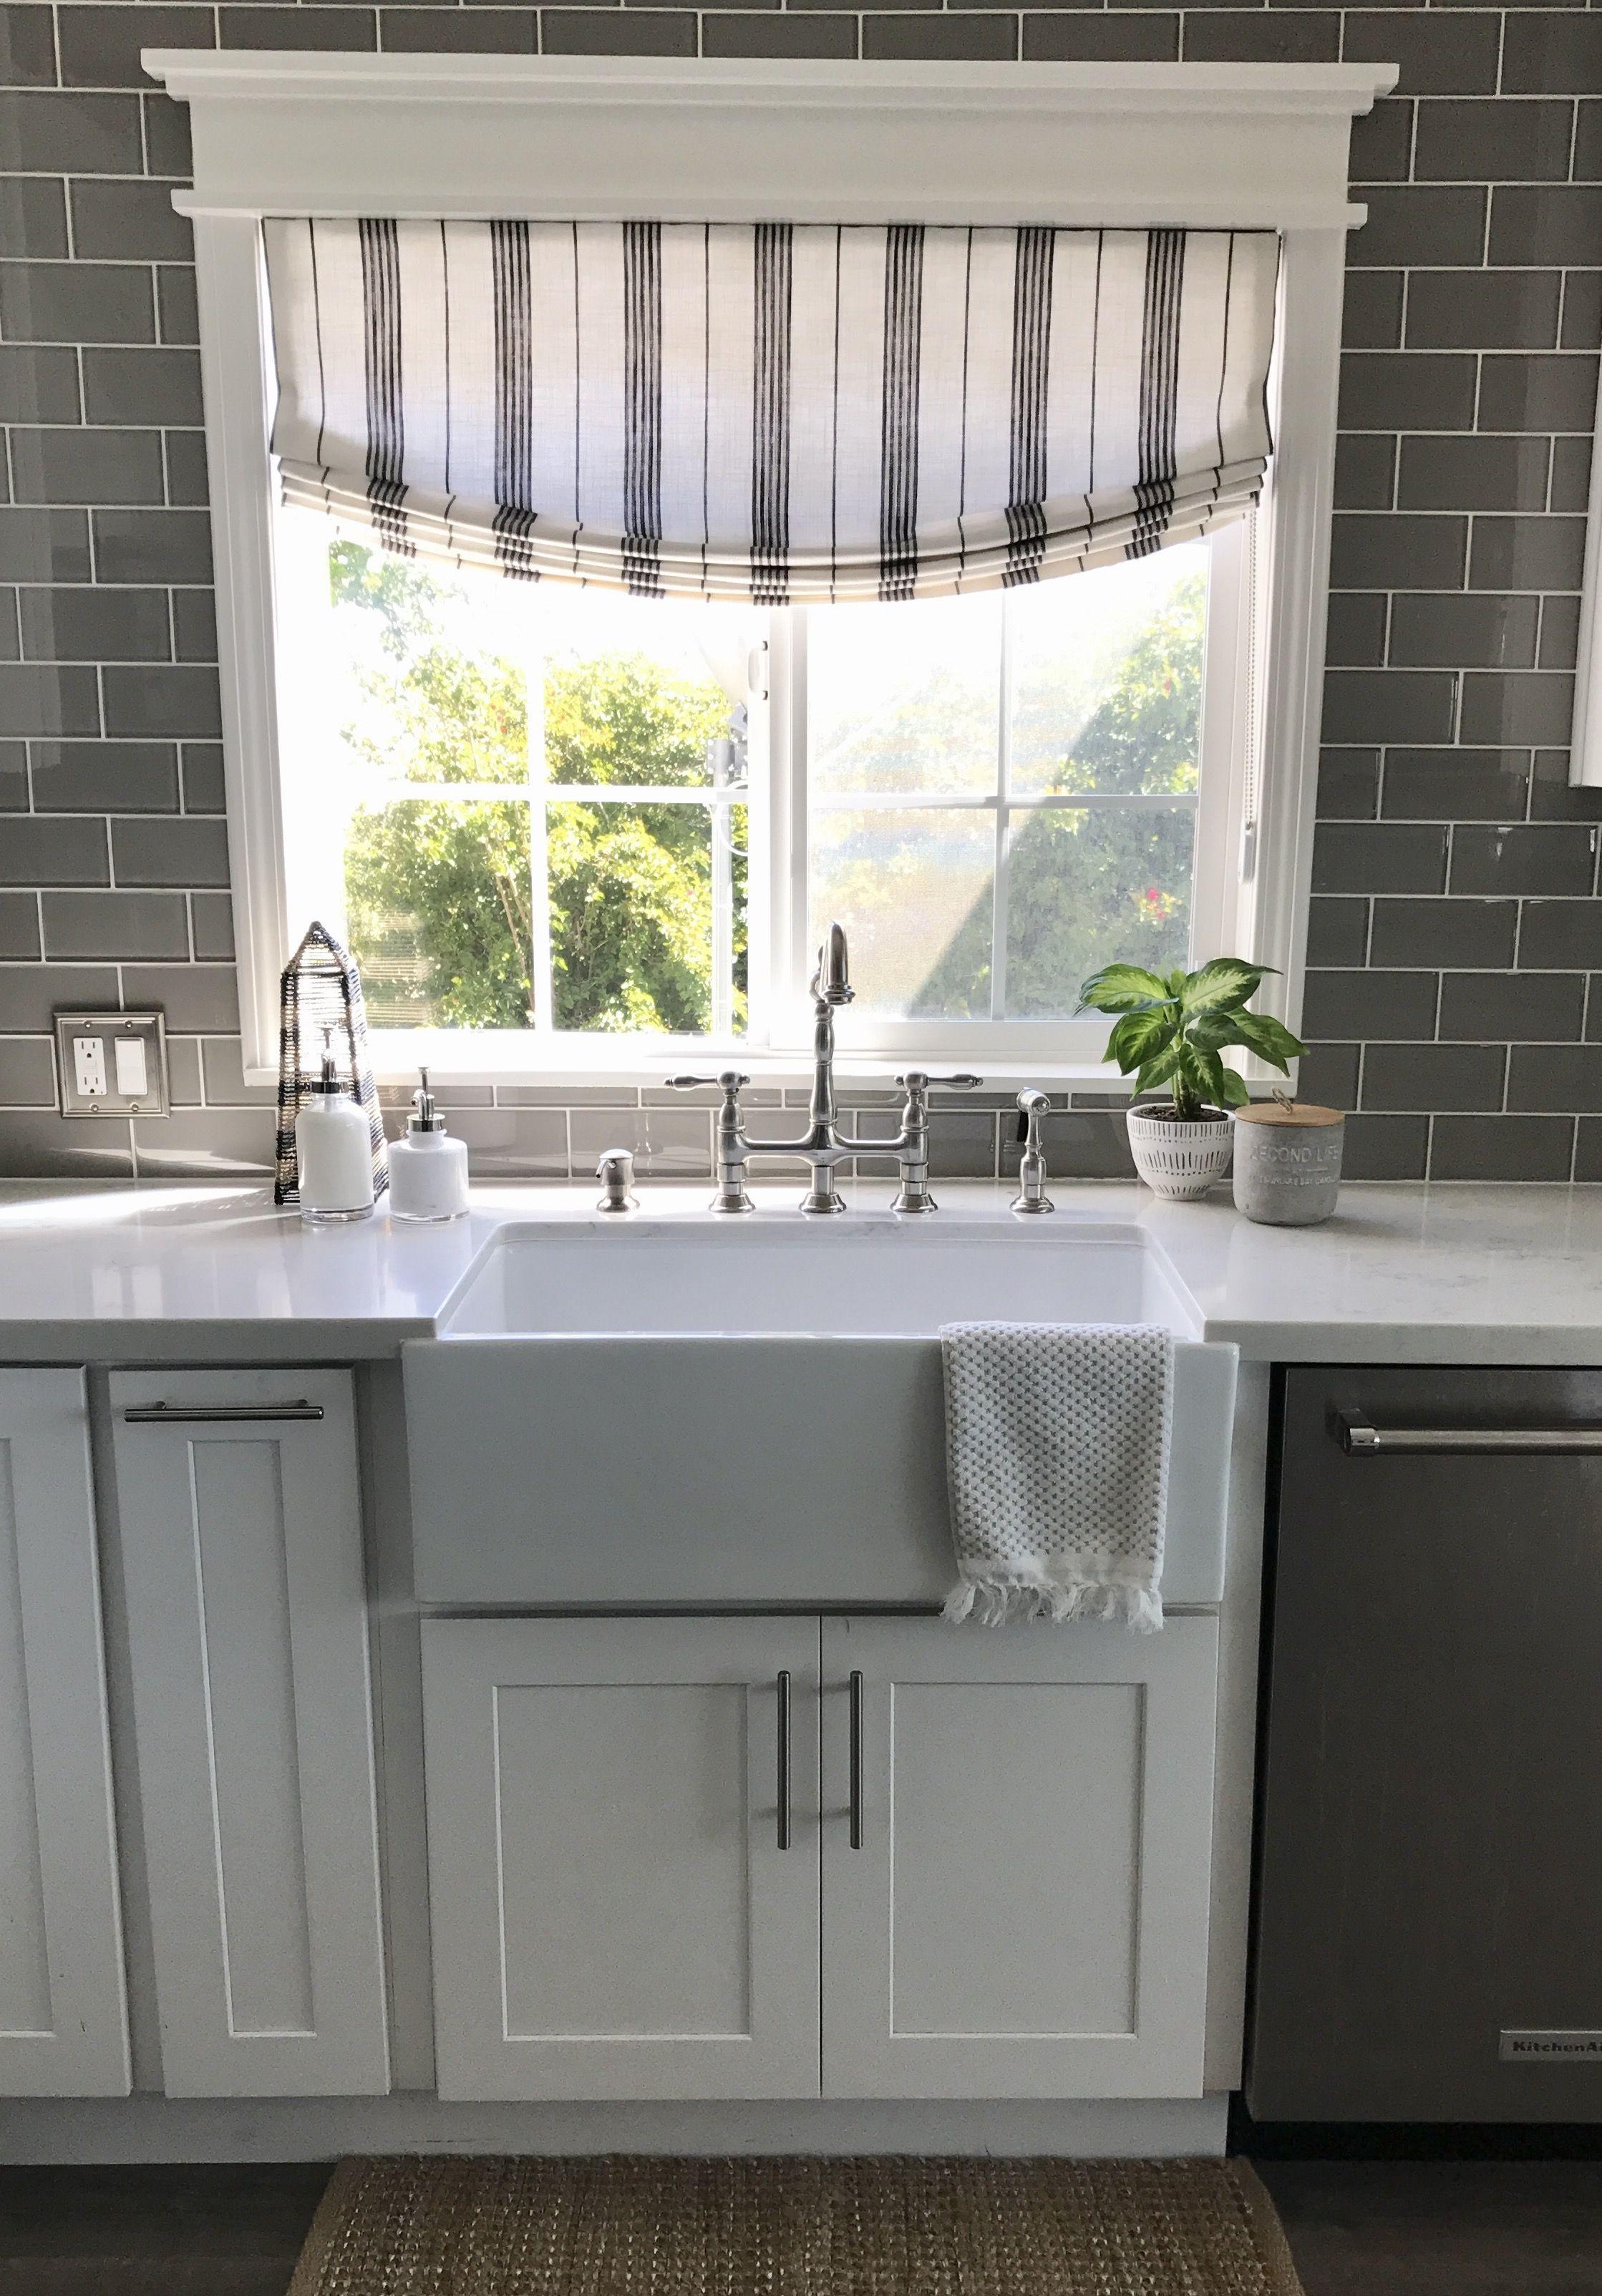 19 Prodigious Kitchen Curtains Ideas White Kitchen Curtains